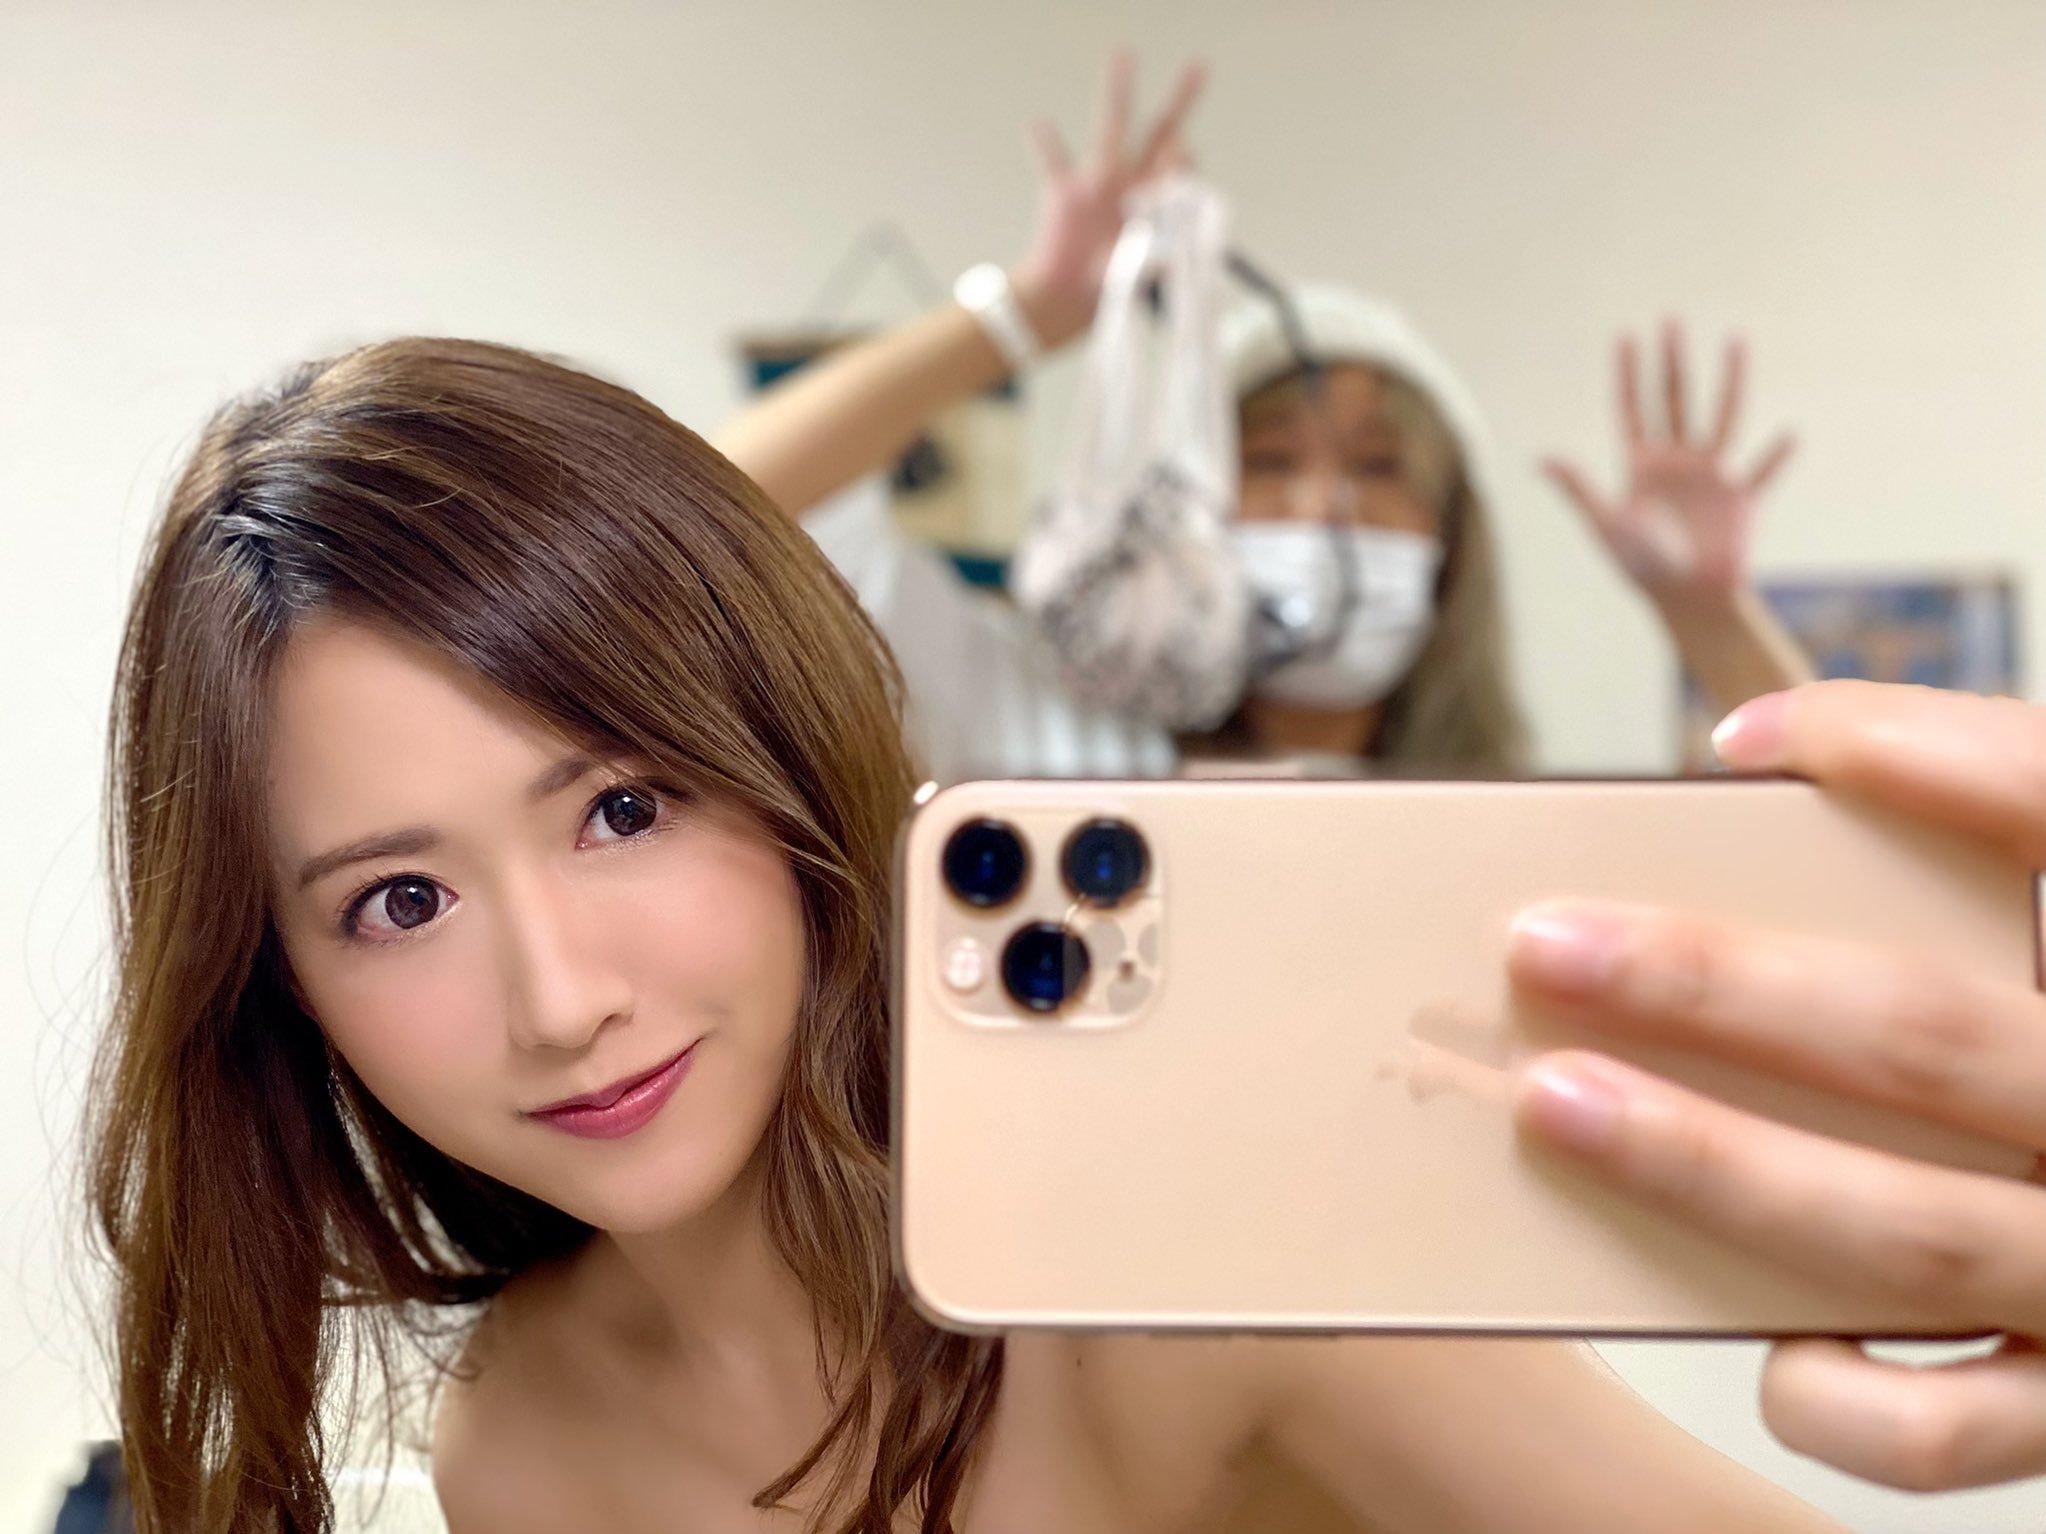 airi_kijima 1240278348388941831_p1